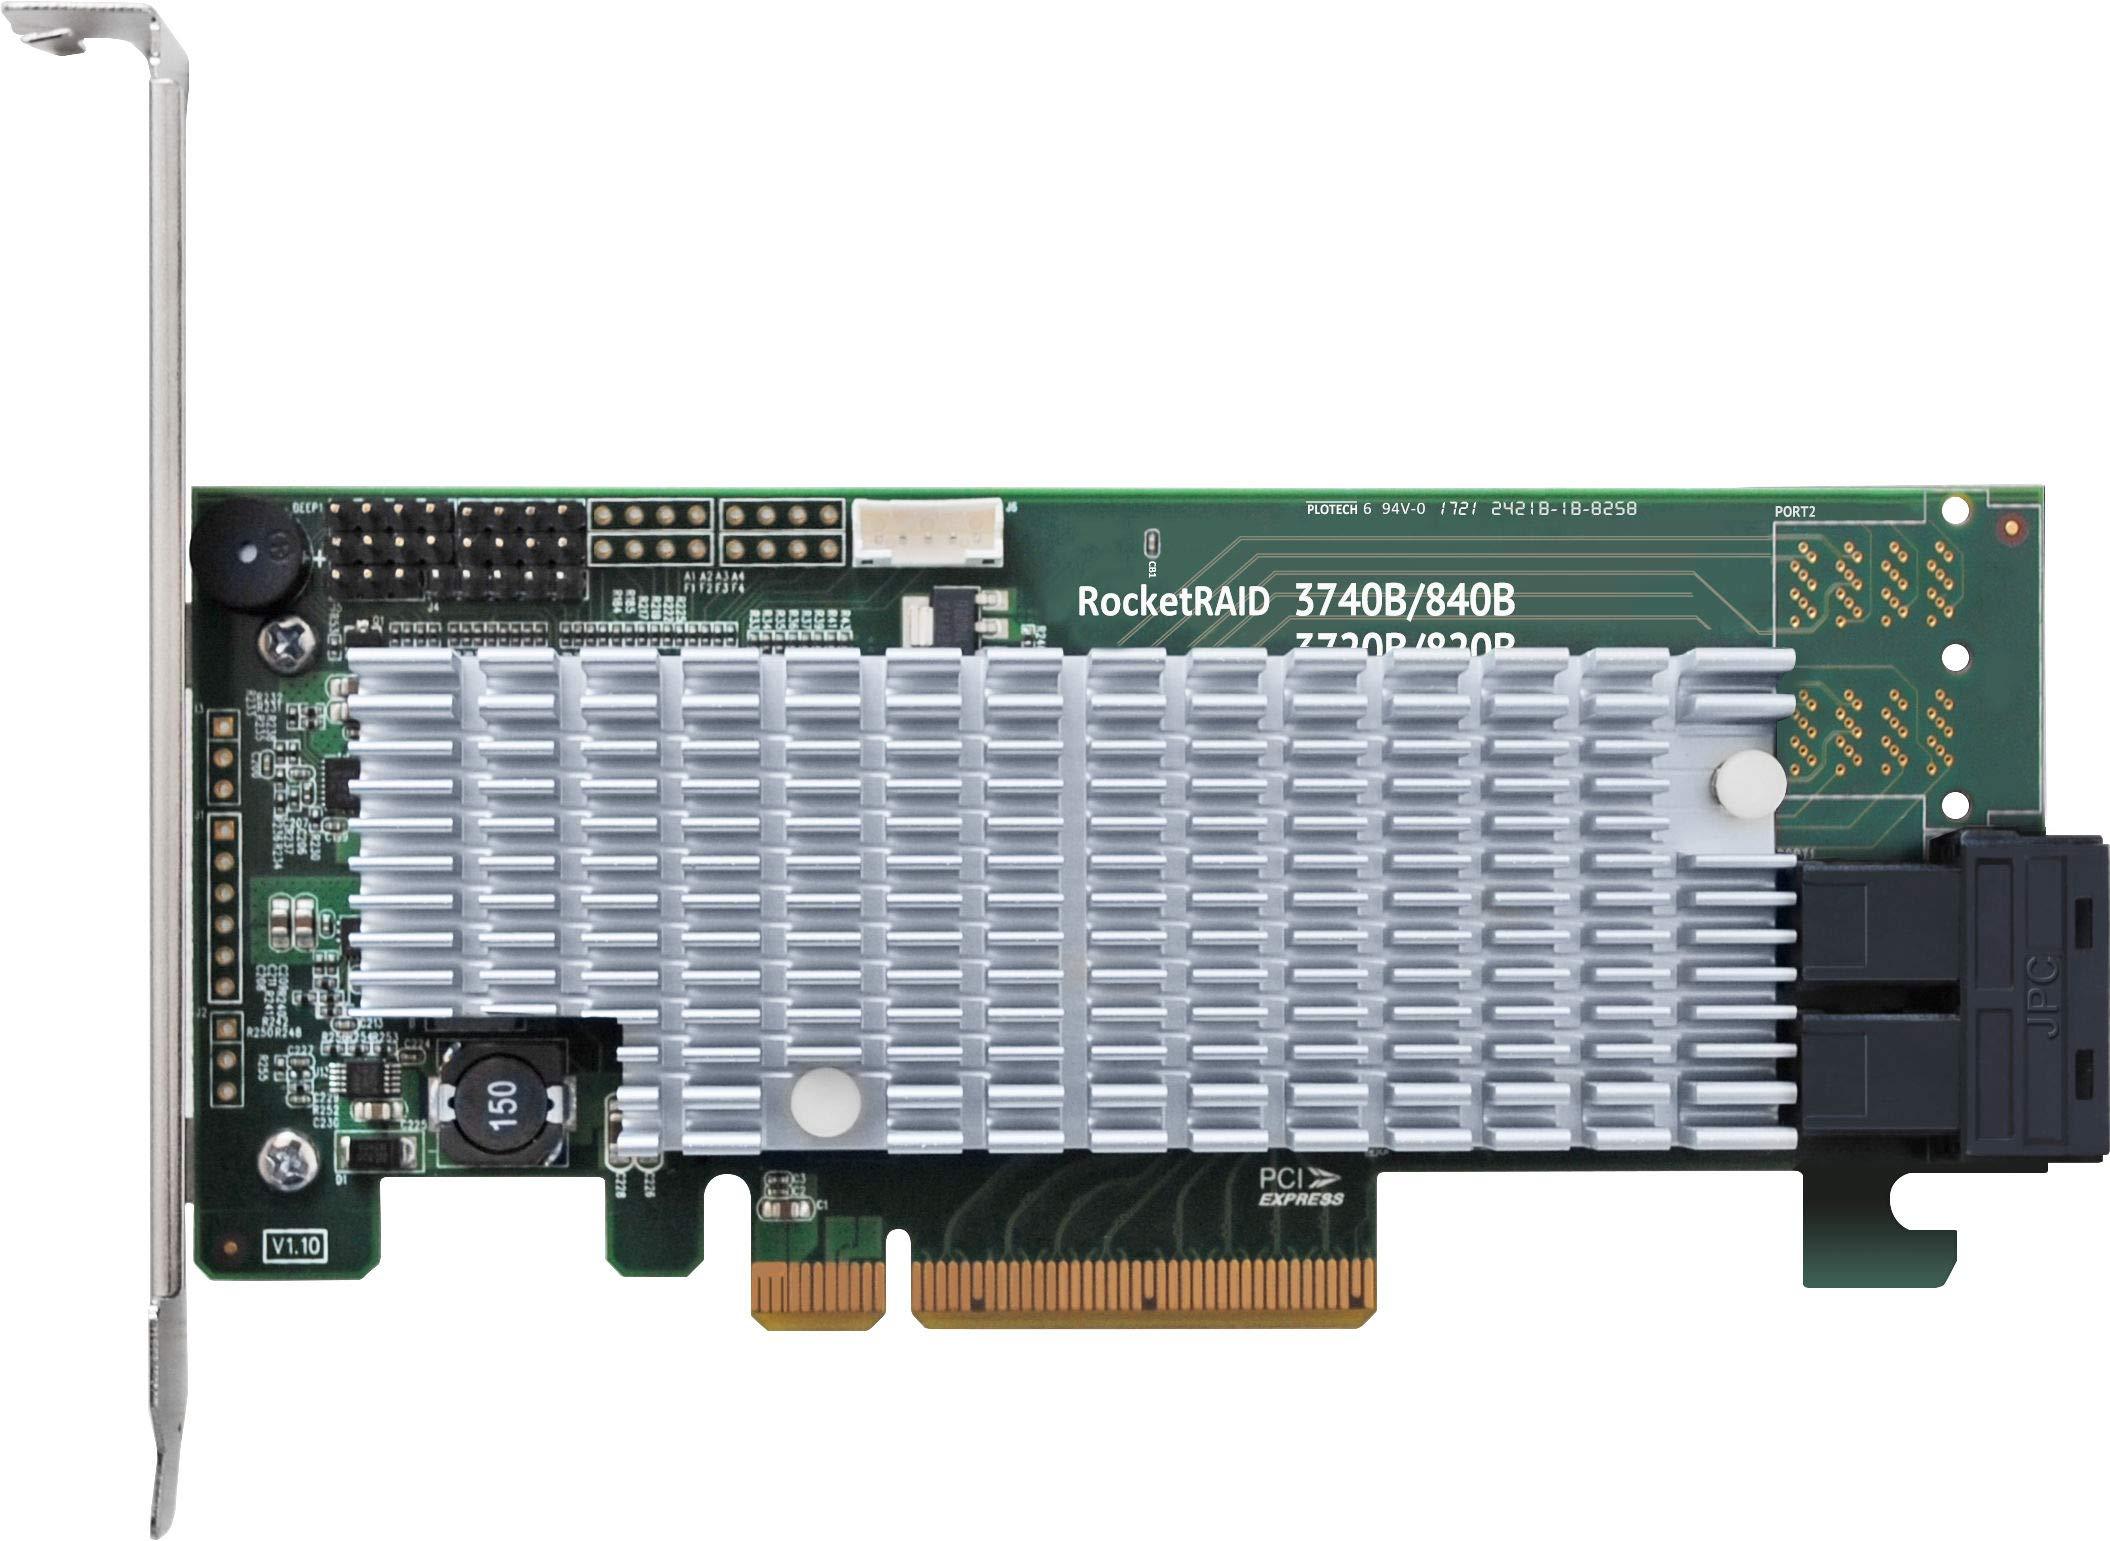 HighPoint RocketRAID 3720A 8-Channel 12Gb/s PCIe 3.0 x8 SAS RAID Controller by High Point